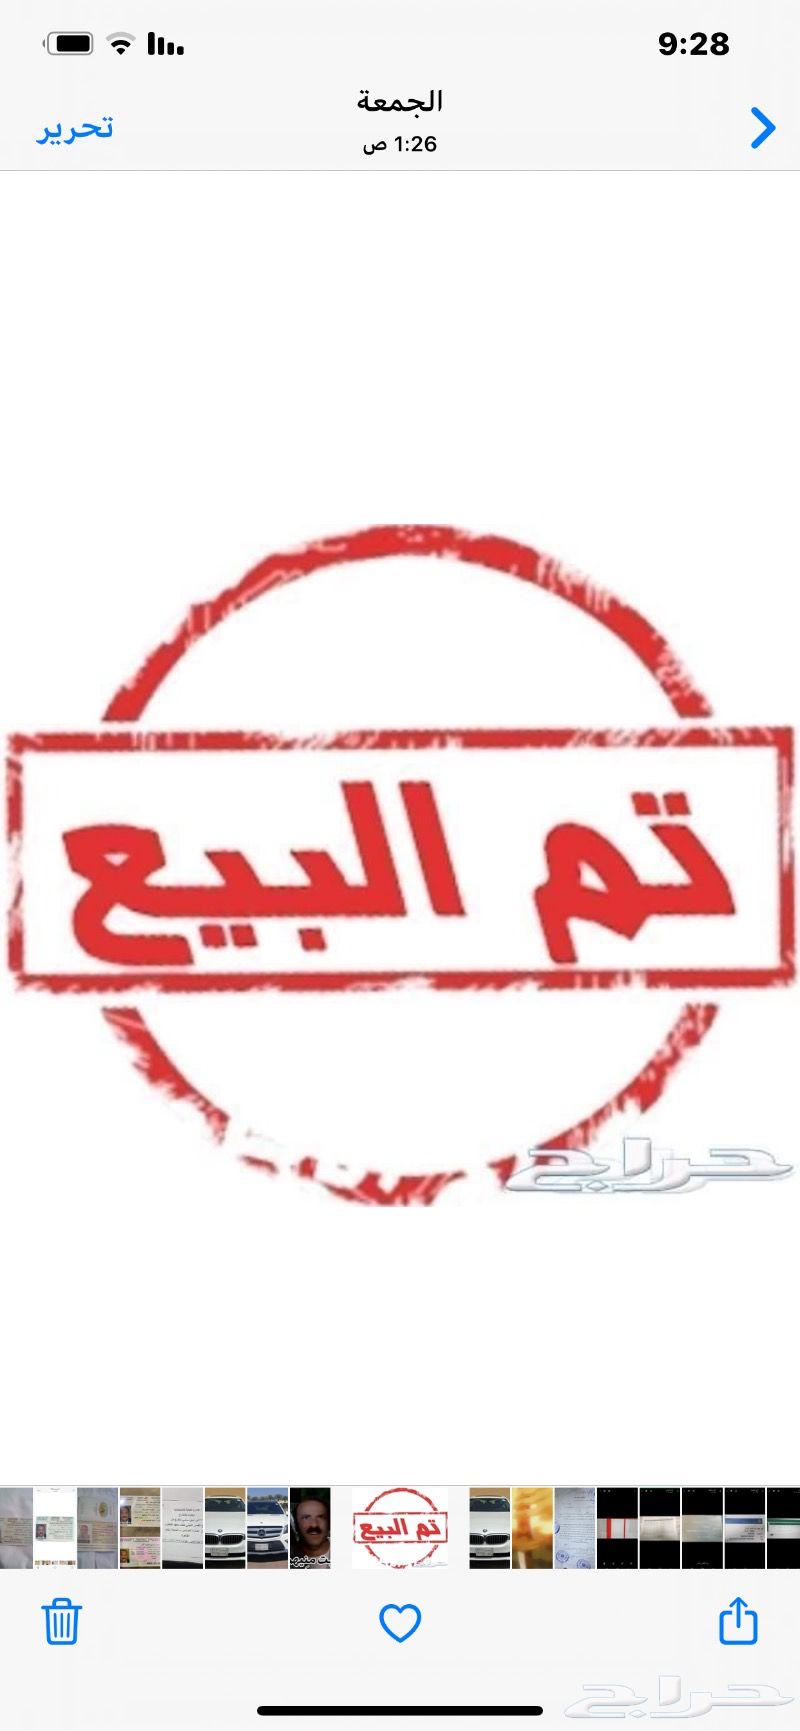 يوكن 2018 سعودي دبل تم البيع